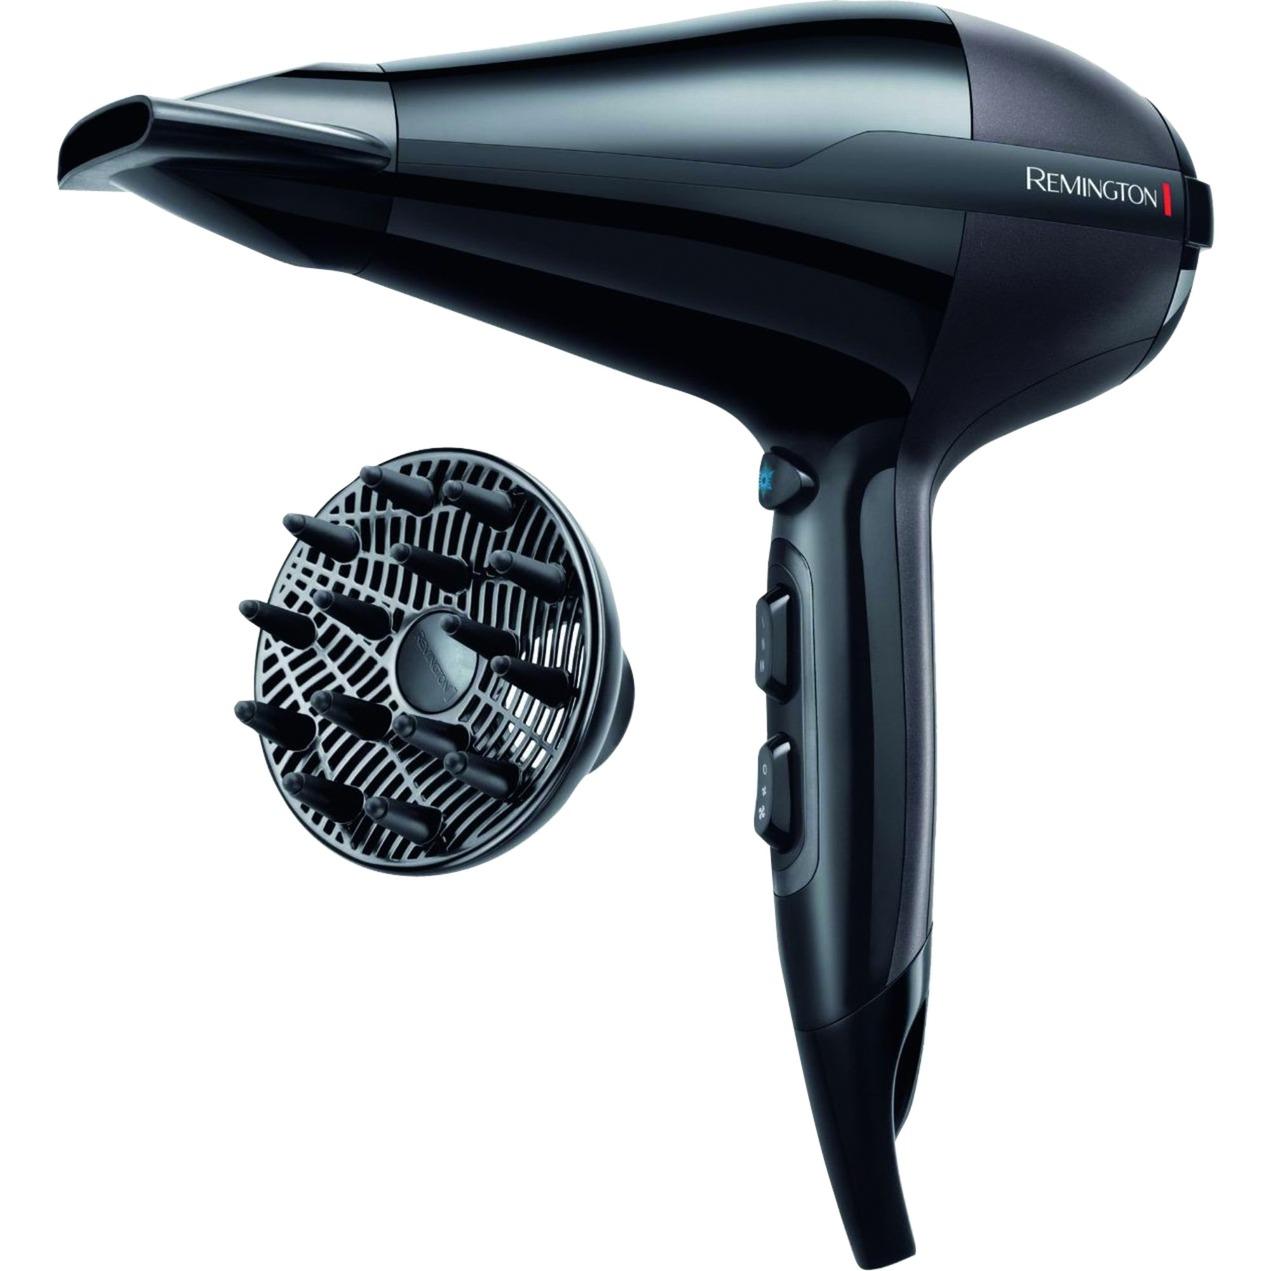 AC5911 secador Negro 2200 W, Secador de pelo